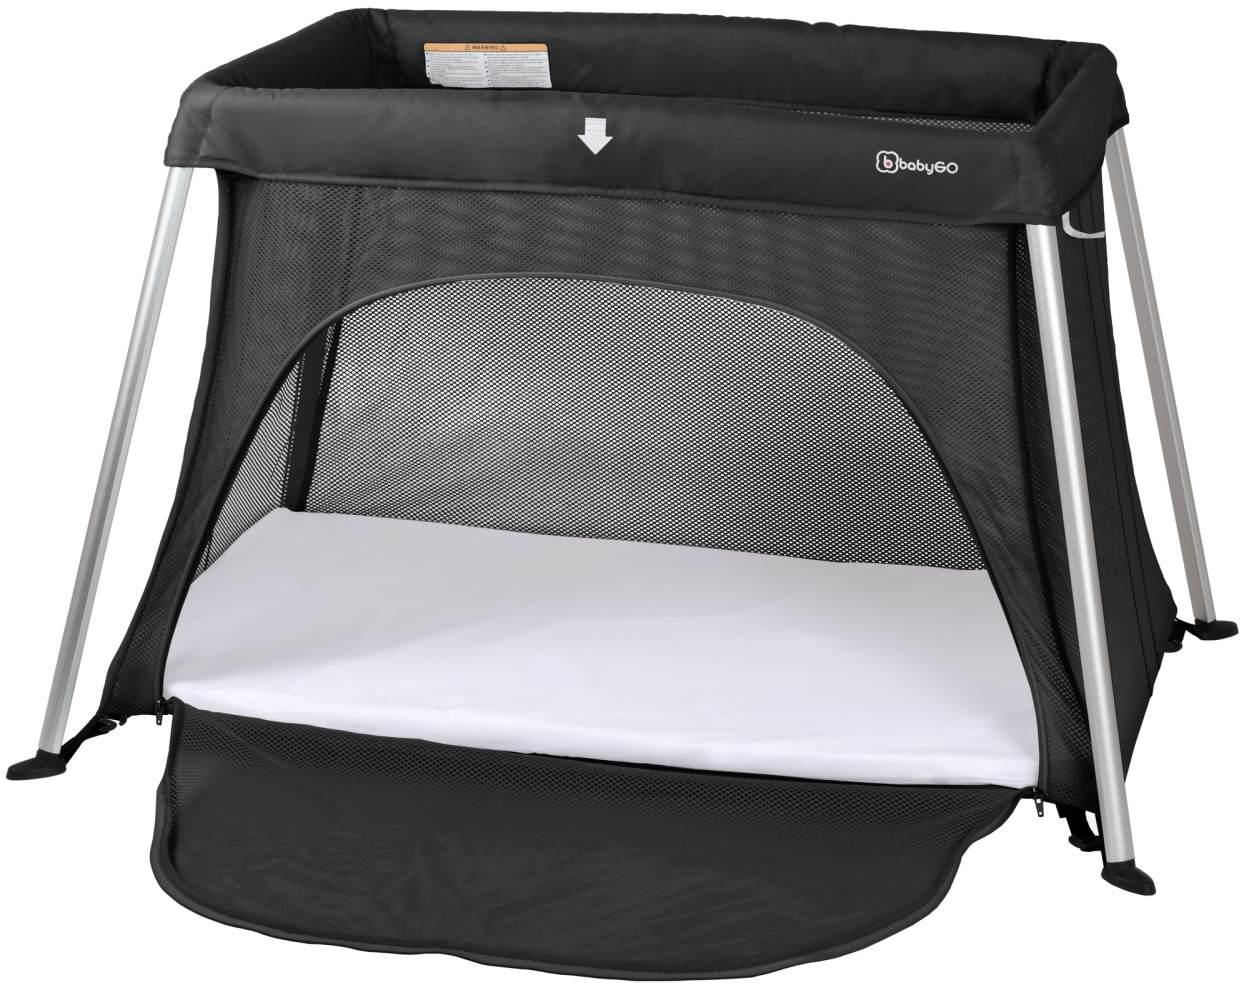 BabyGO 'Dreams' Reisebett, schwarz, zwei Liegehöhen, inkl. Matratzen 60x100 und 50x80 cm Bild 1